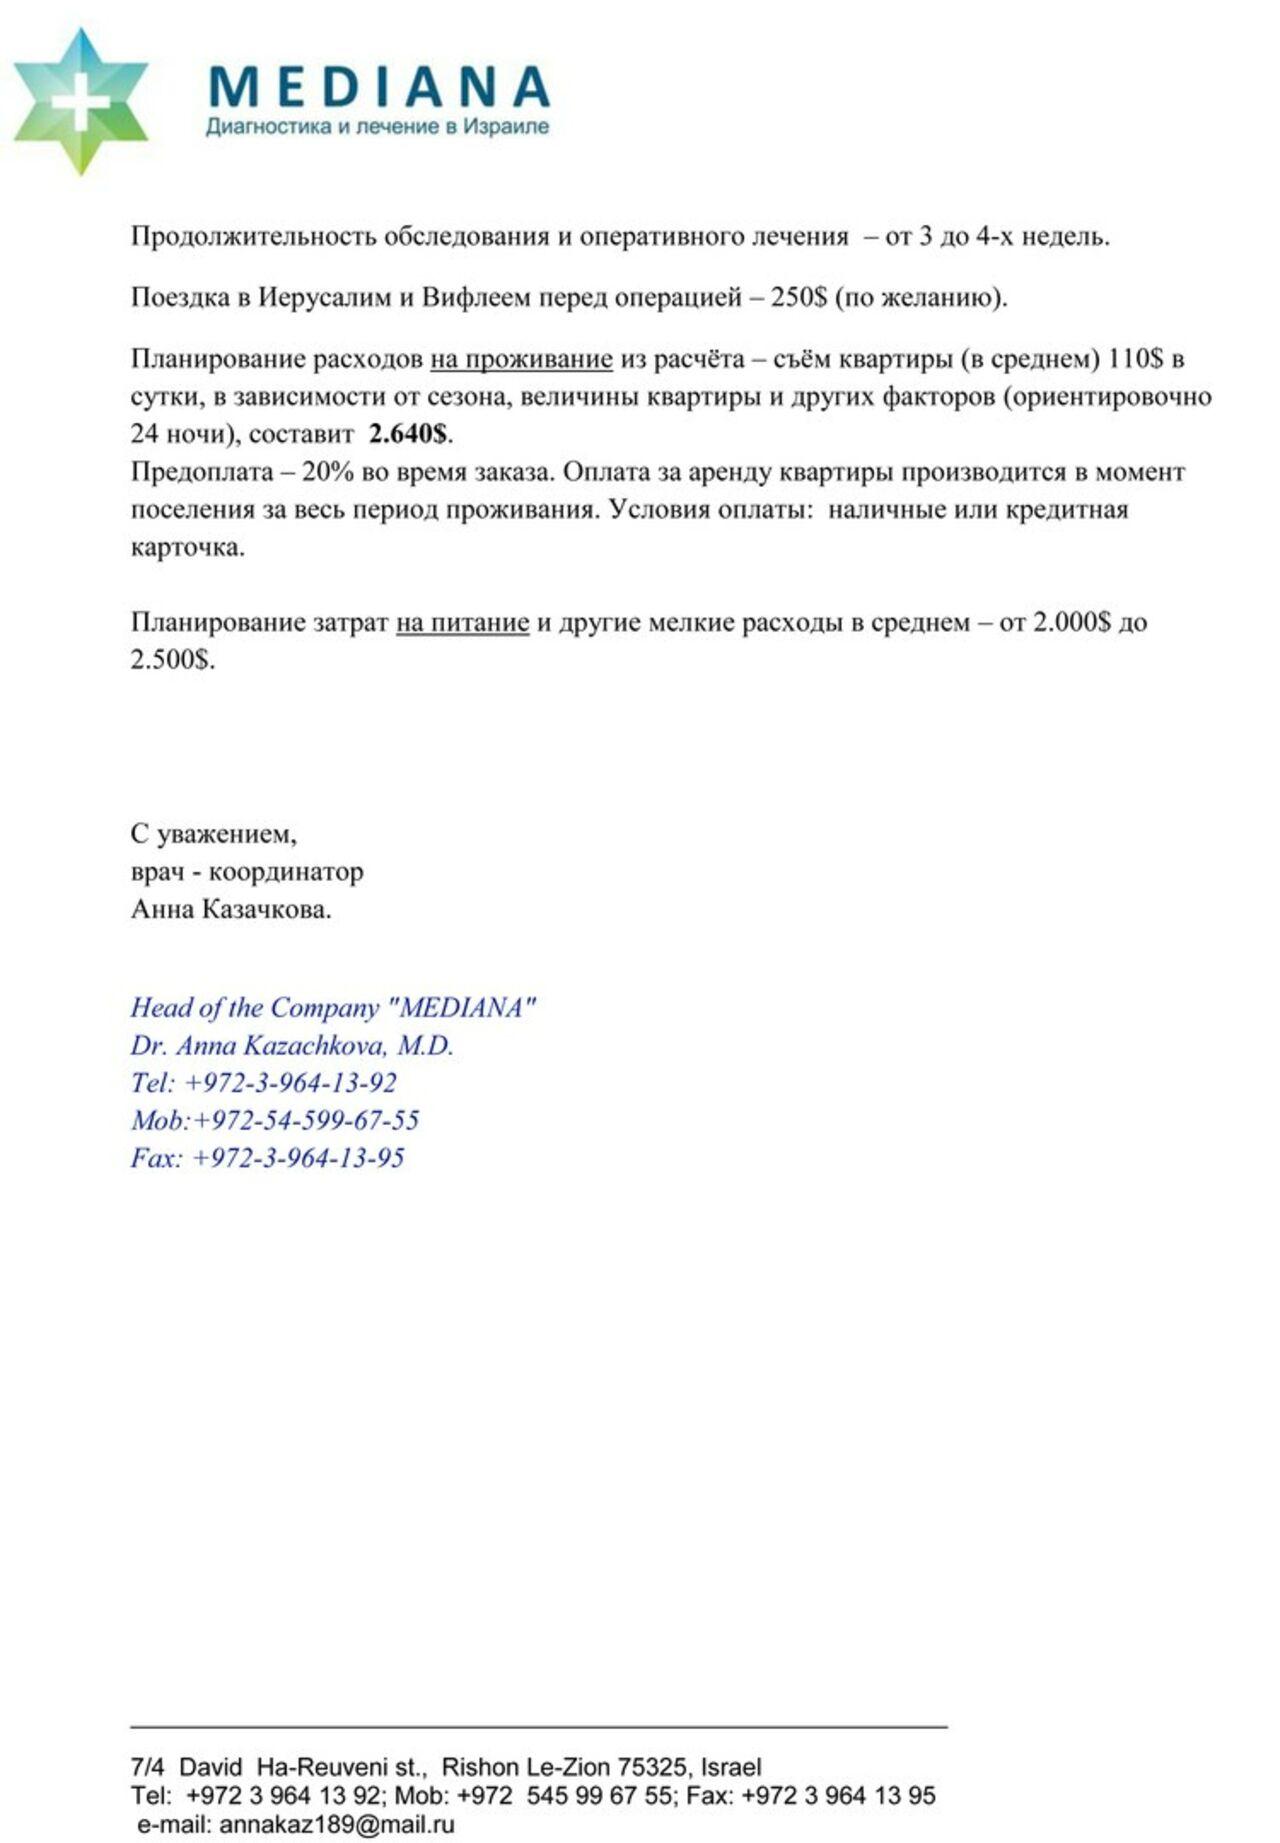 бик пао сбербанк кемеровское отделение 8615